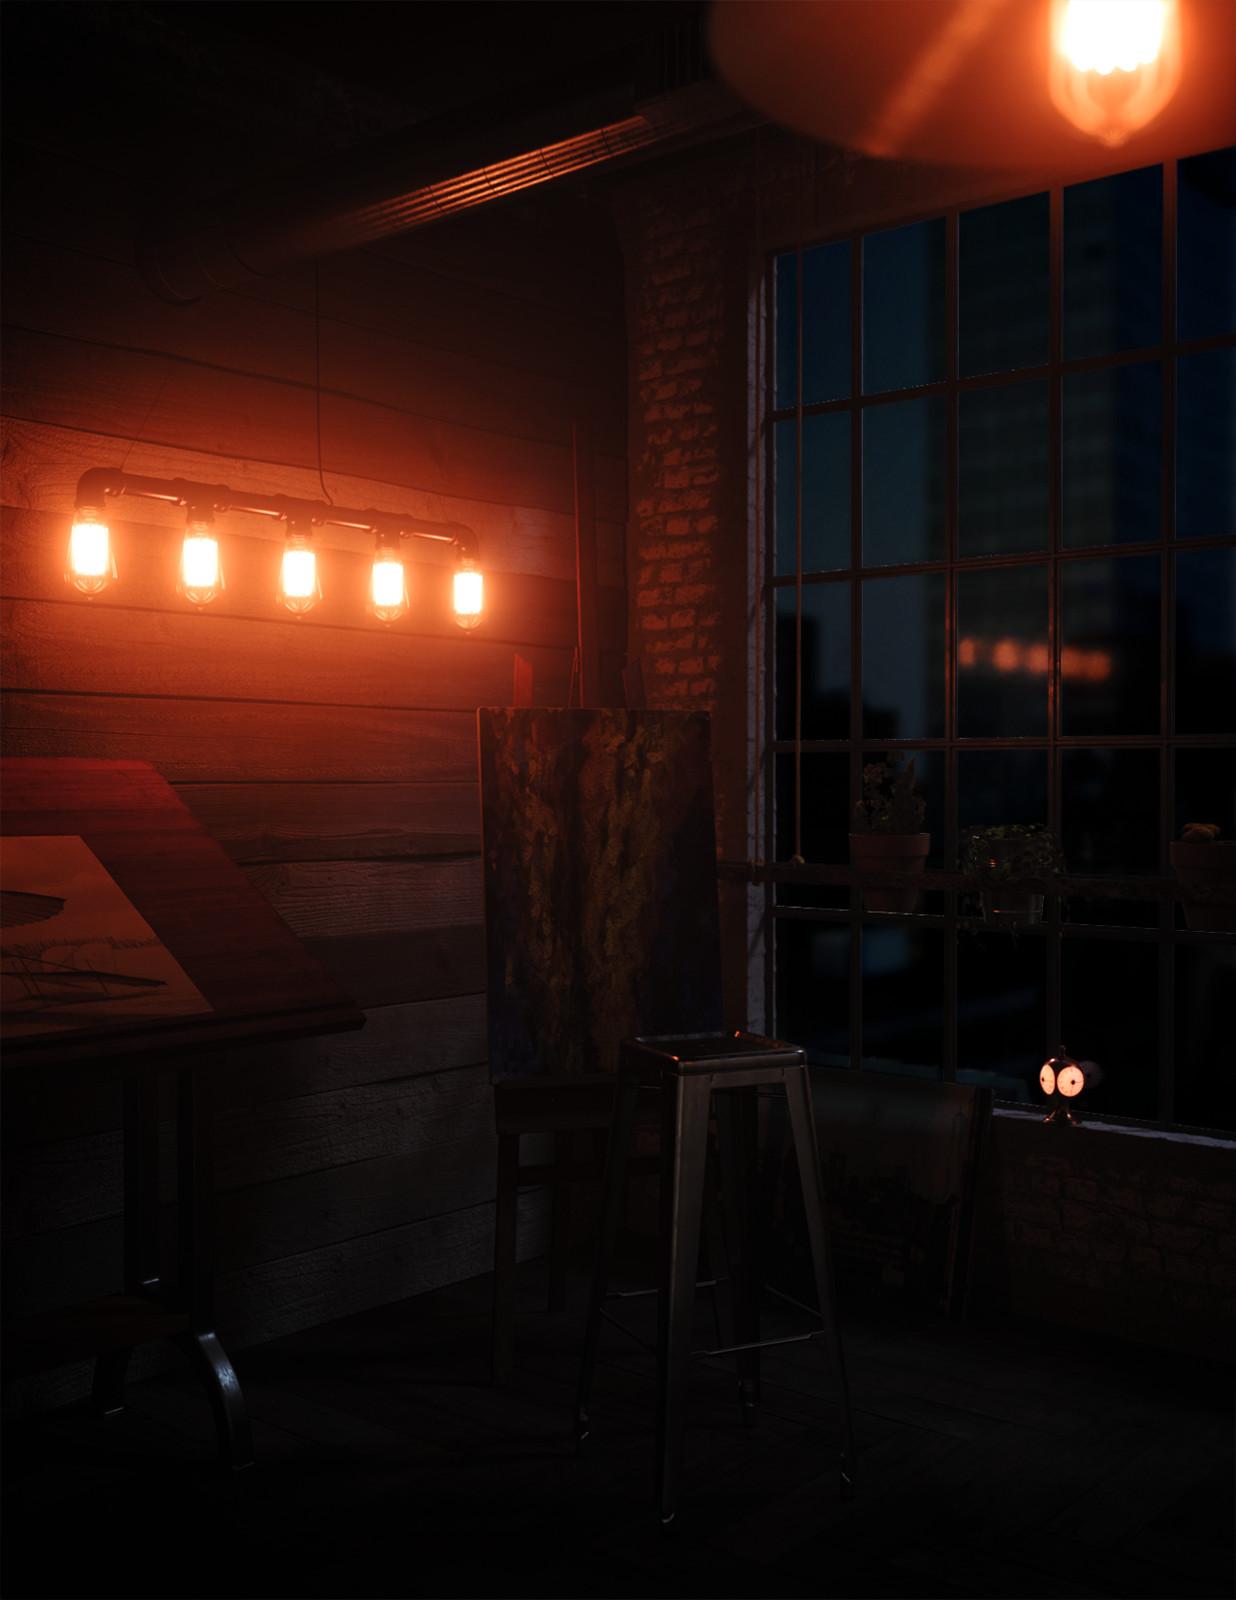 LightMix - Night